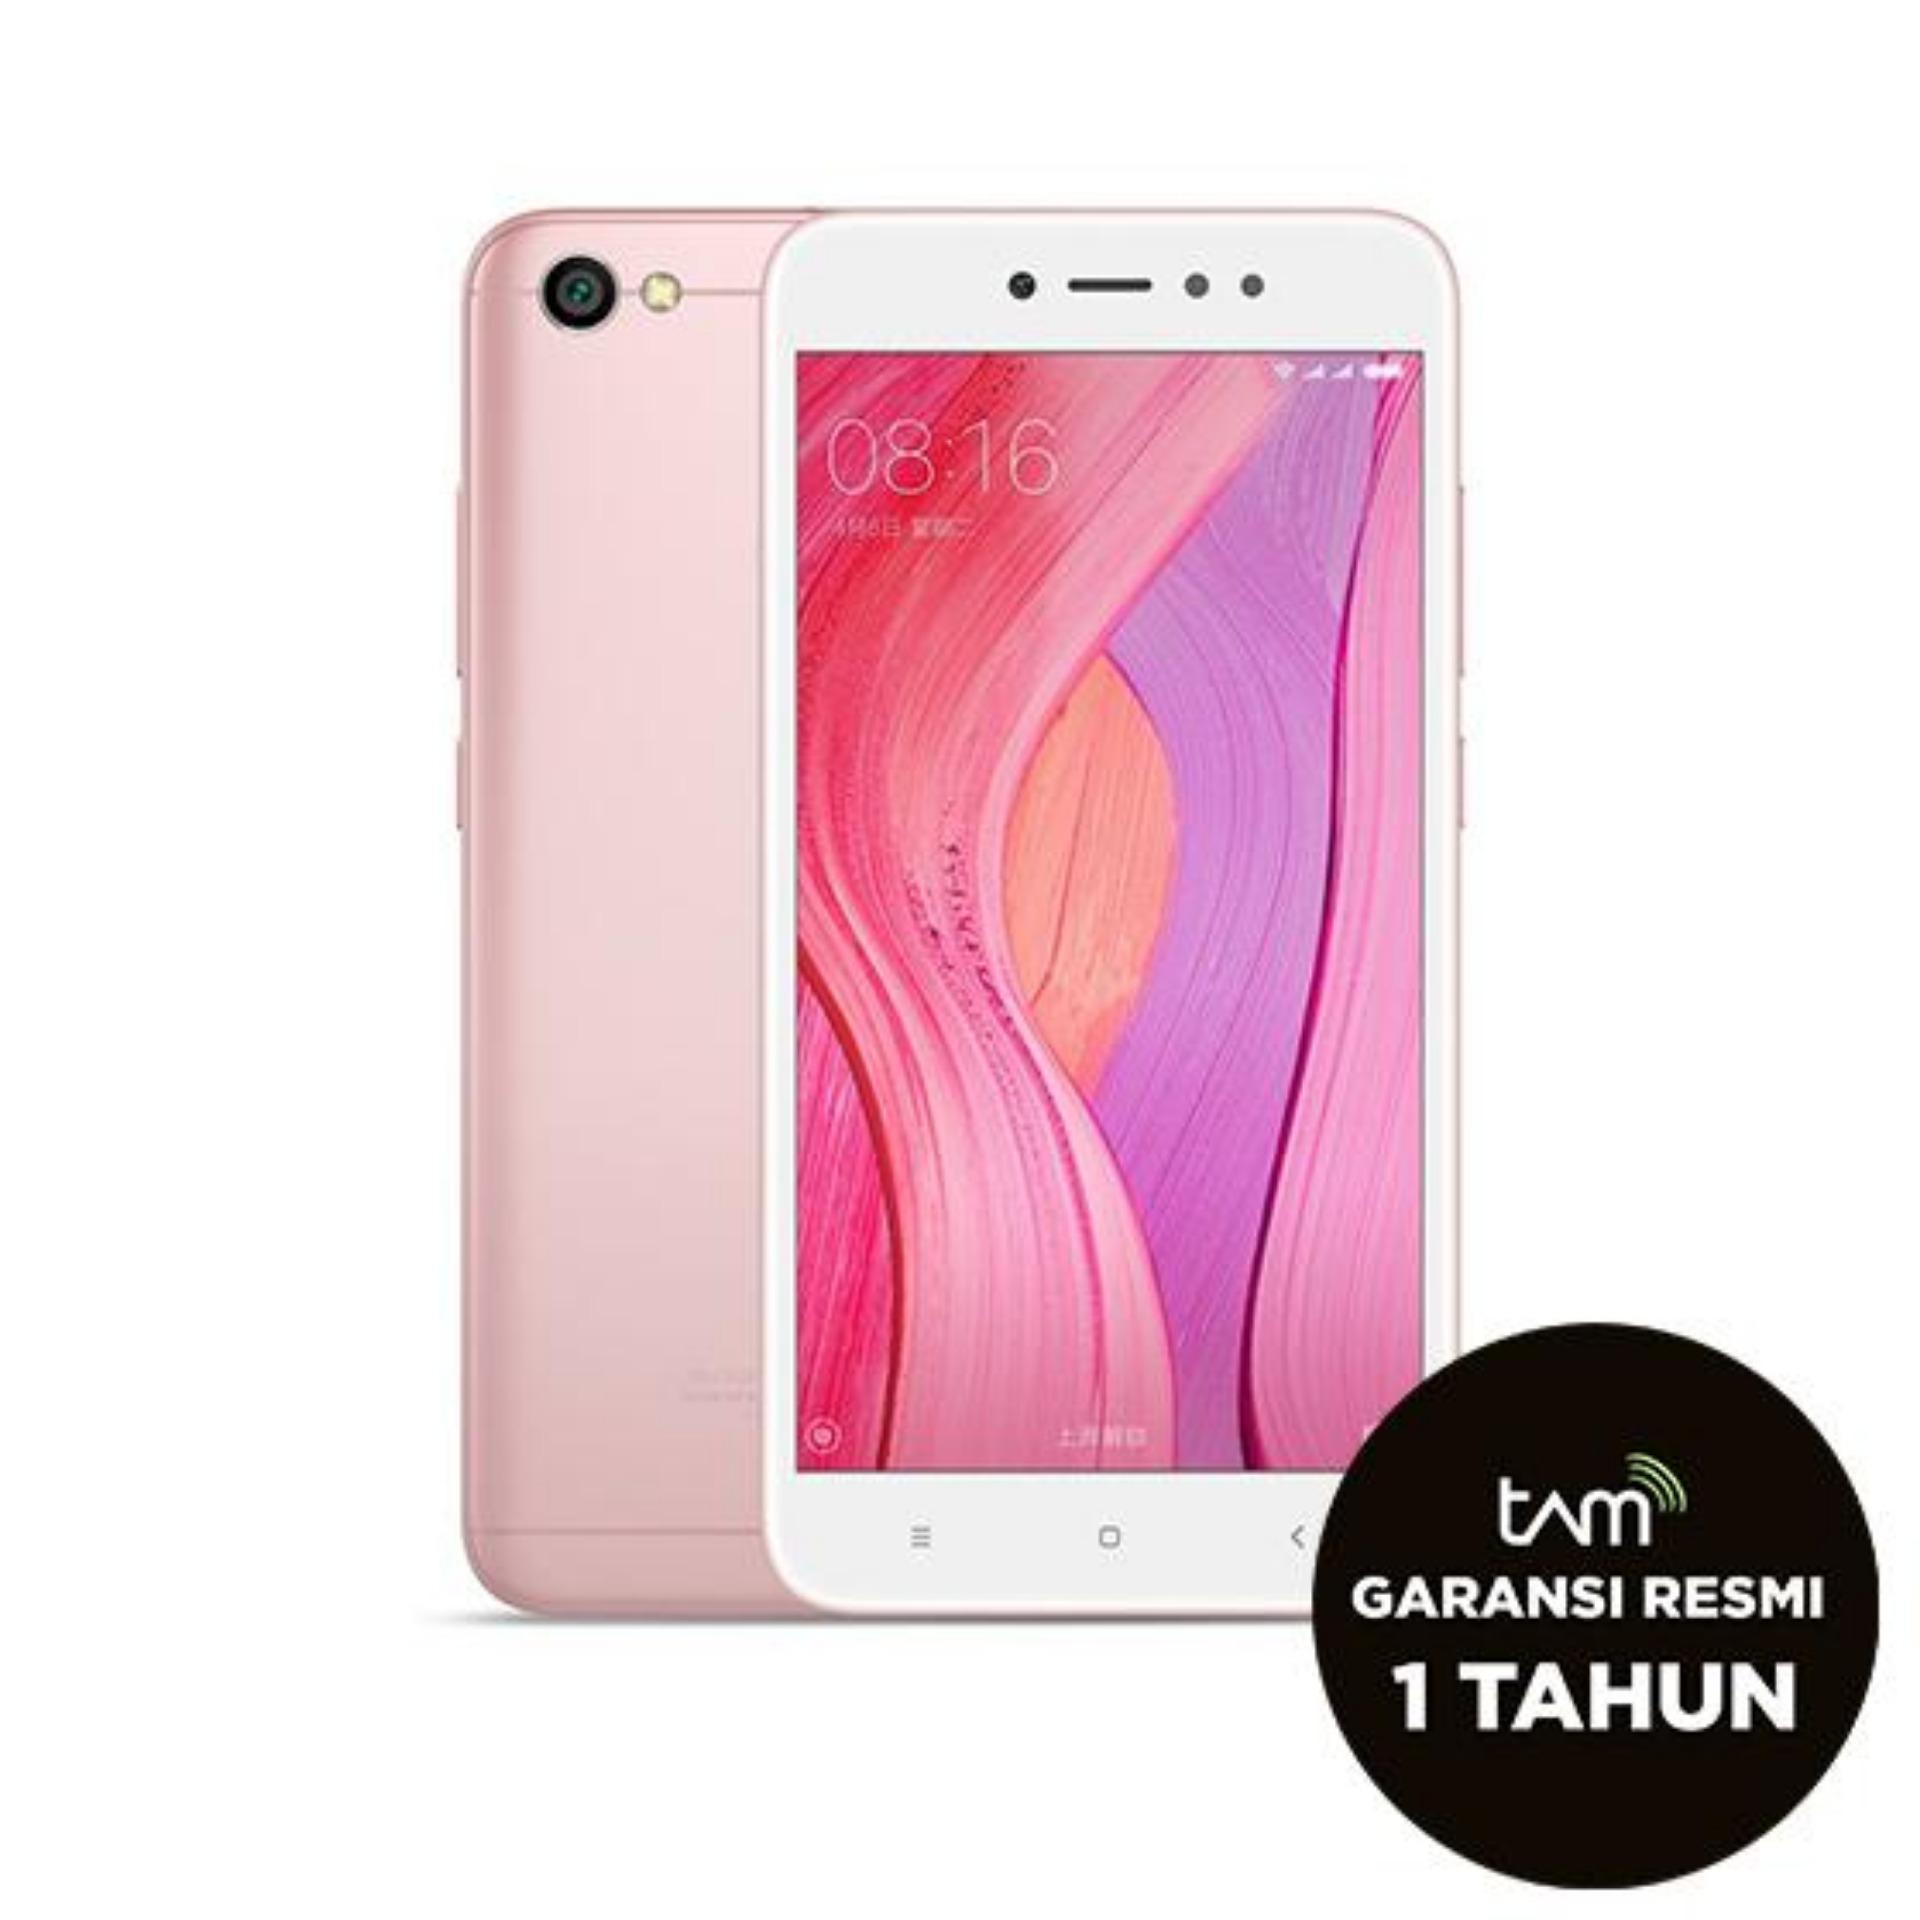 Sale Stock Xiaomi Redmi Note 5a Smartphone Ram 2gb Internal 16gb 4x 2 Gb 32 Garansi Distributor Prime 3 Resmi Tam